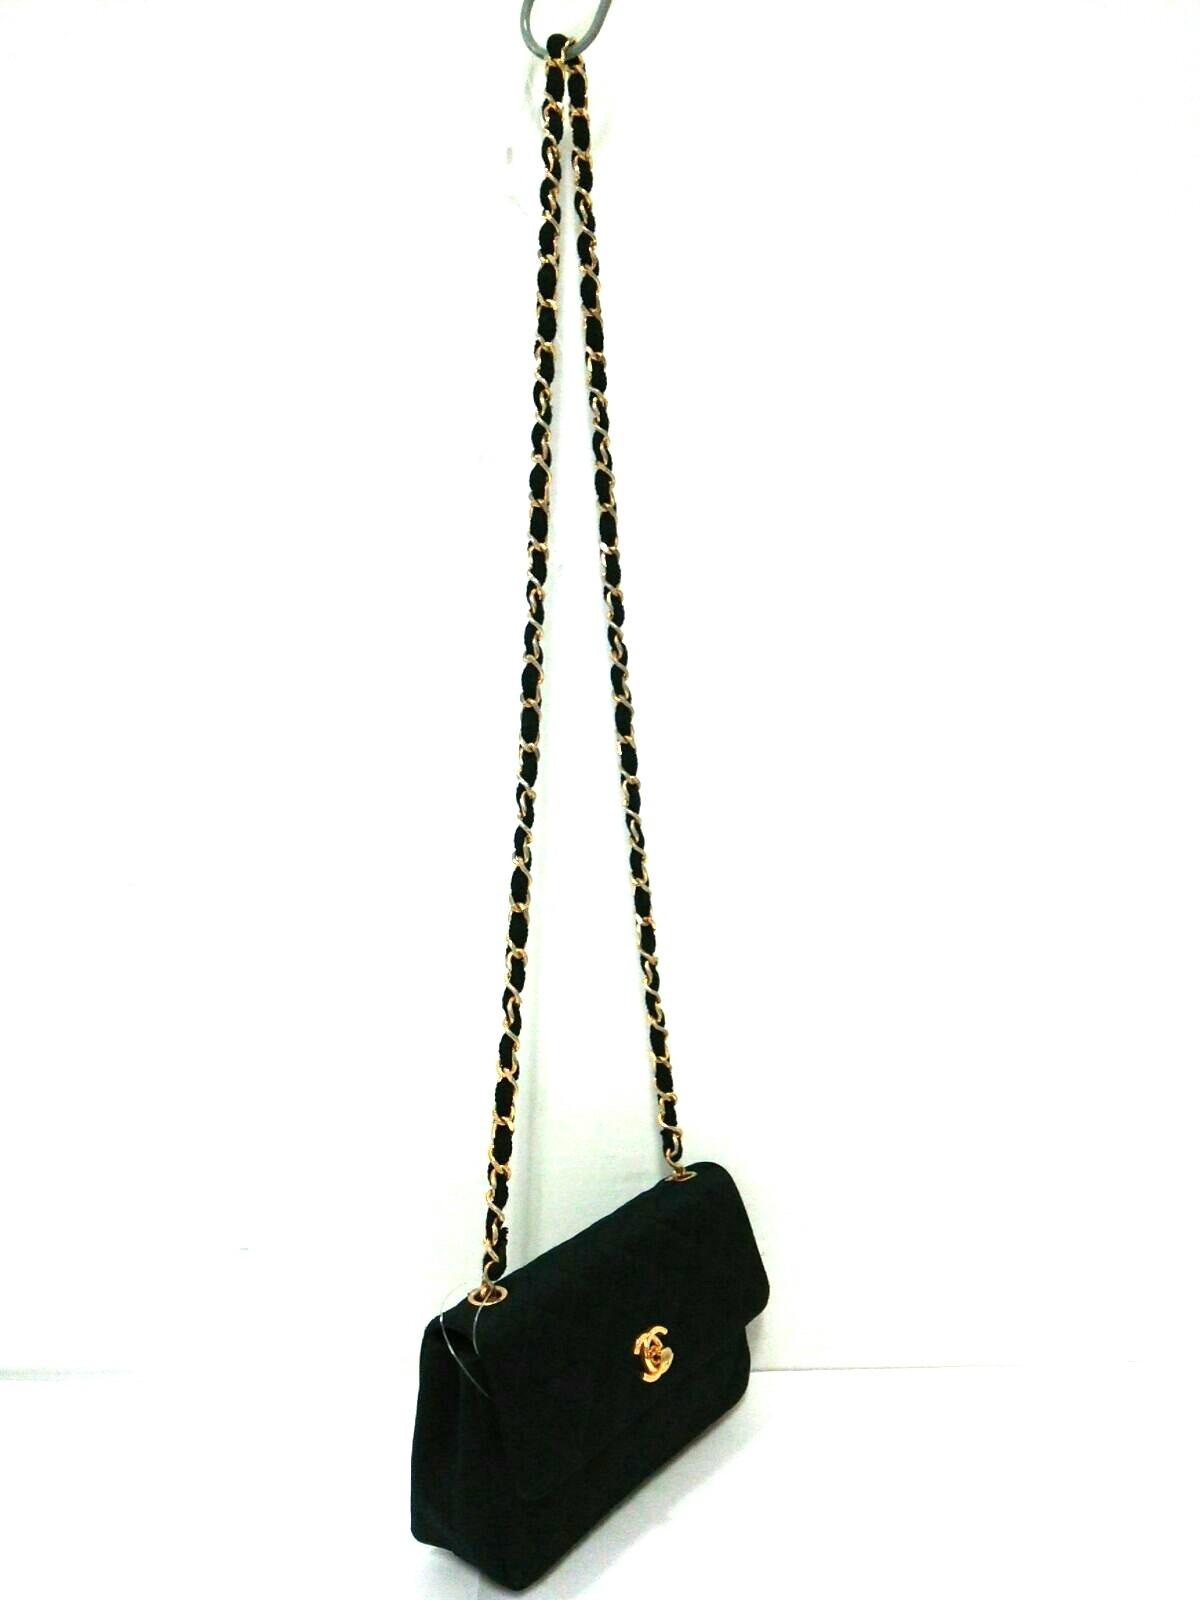 b2c2782579b1 CHANEL(シャネル) ショルダーバッグ美品 マトラッセ 黒 サテン(12838284 ...